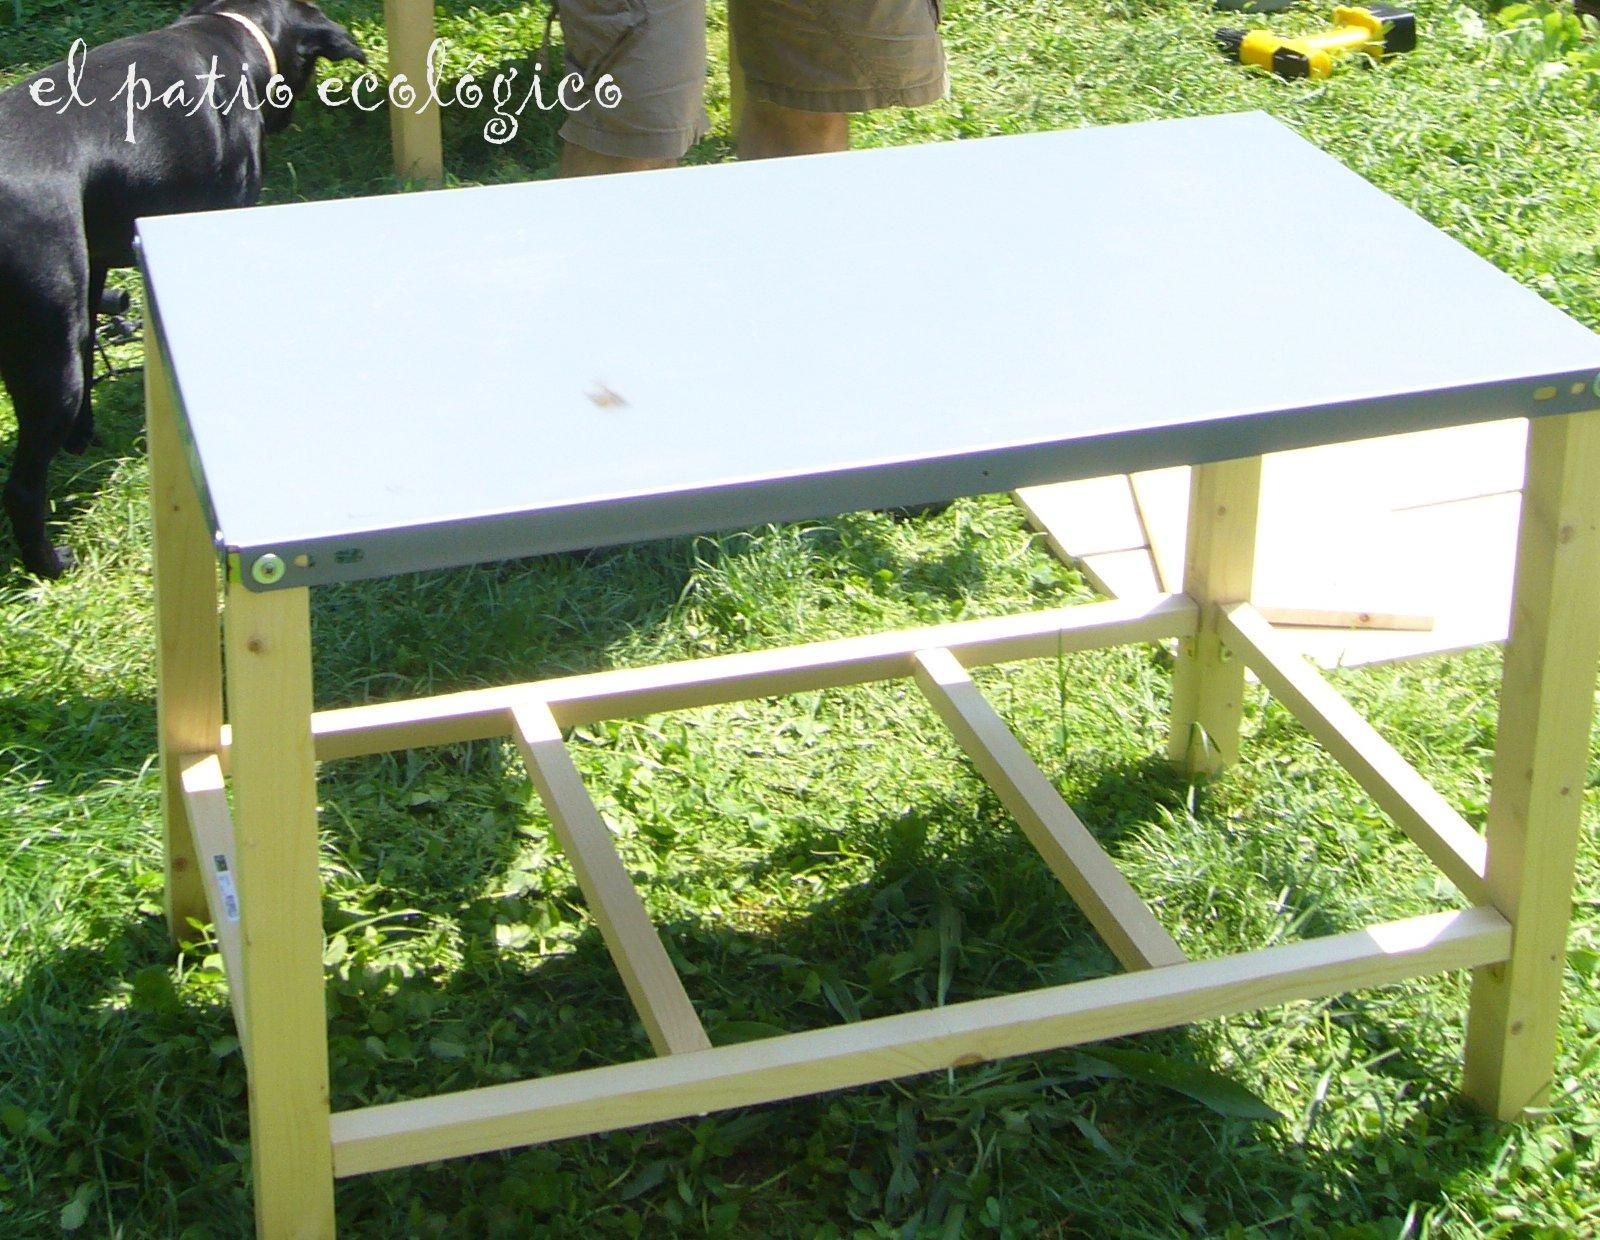 El patio ecol gico mesa de cultivo para la terraza - Mesa de cultivo leroy ...